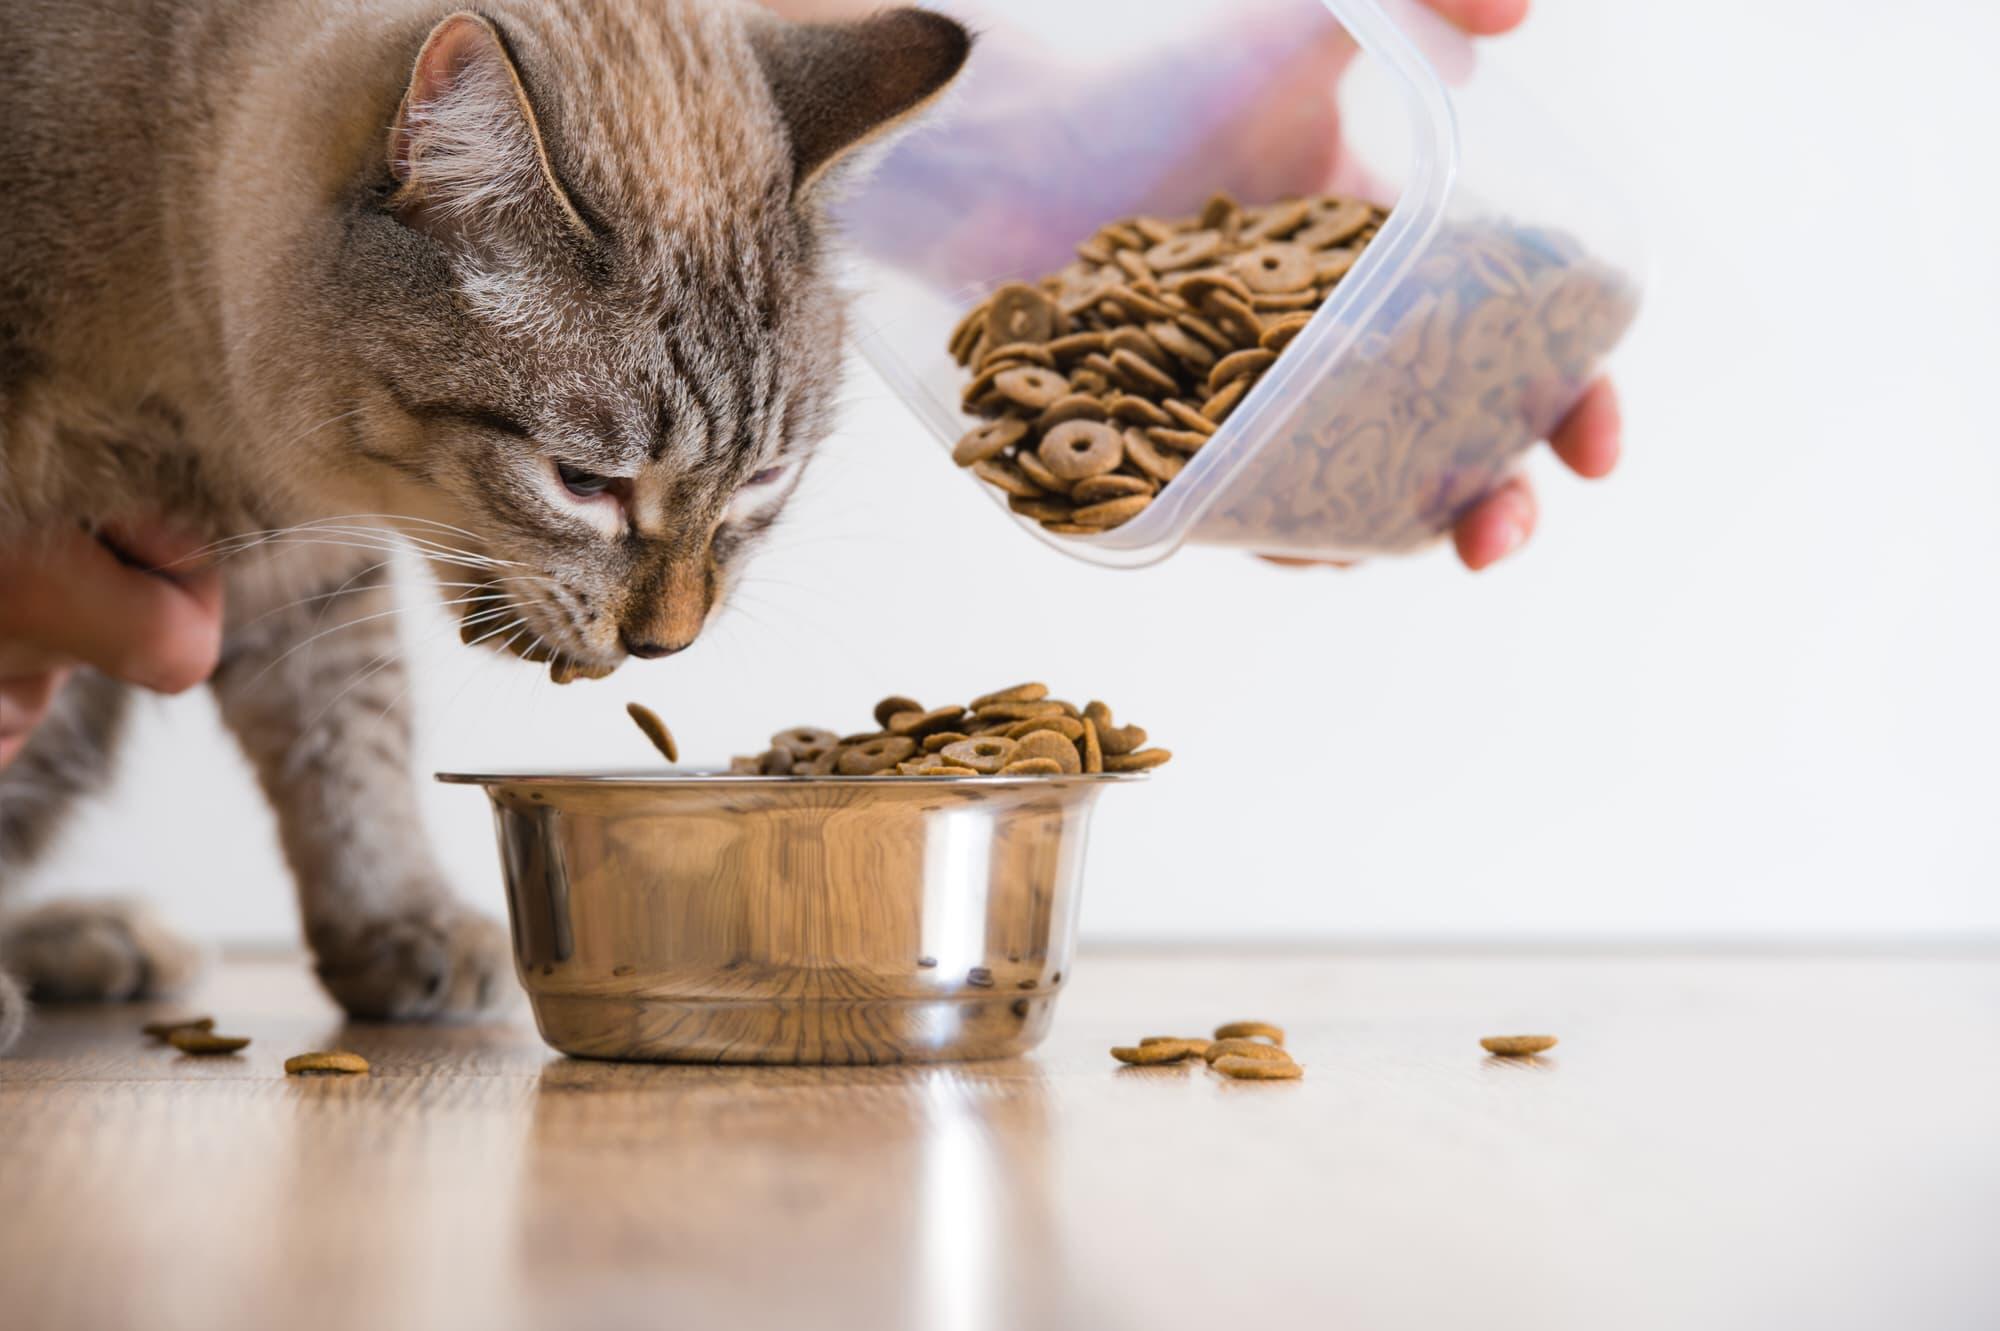 katzen richtig f ttern darauf sollten sie unbedingt achten smart animals. Black Bedroom Furniture Sets. Home Design Ideas